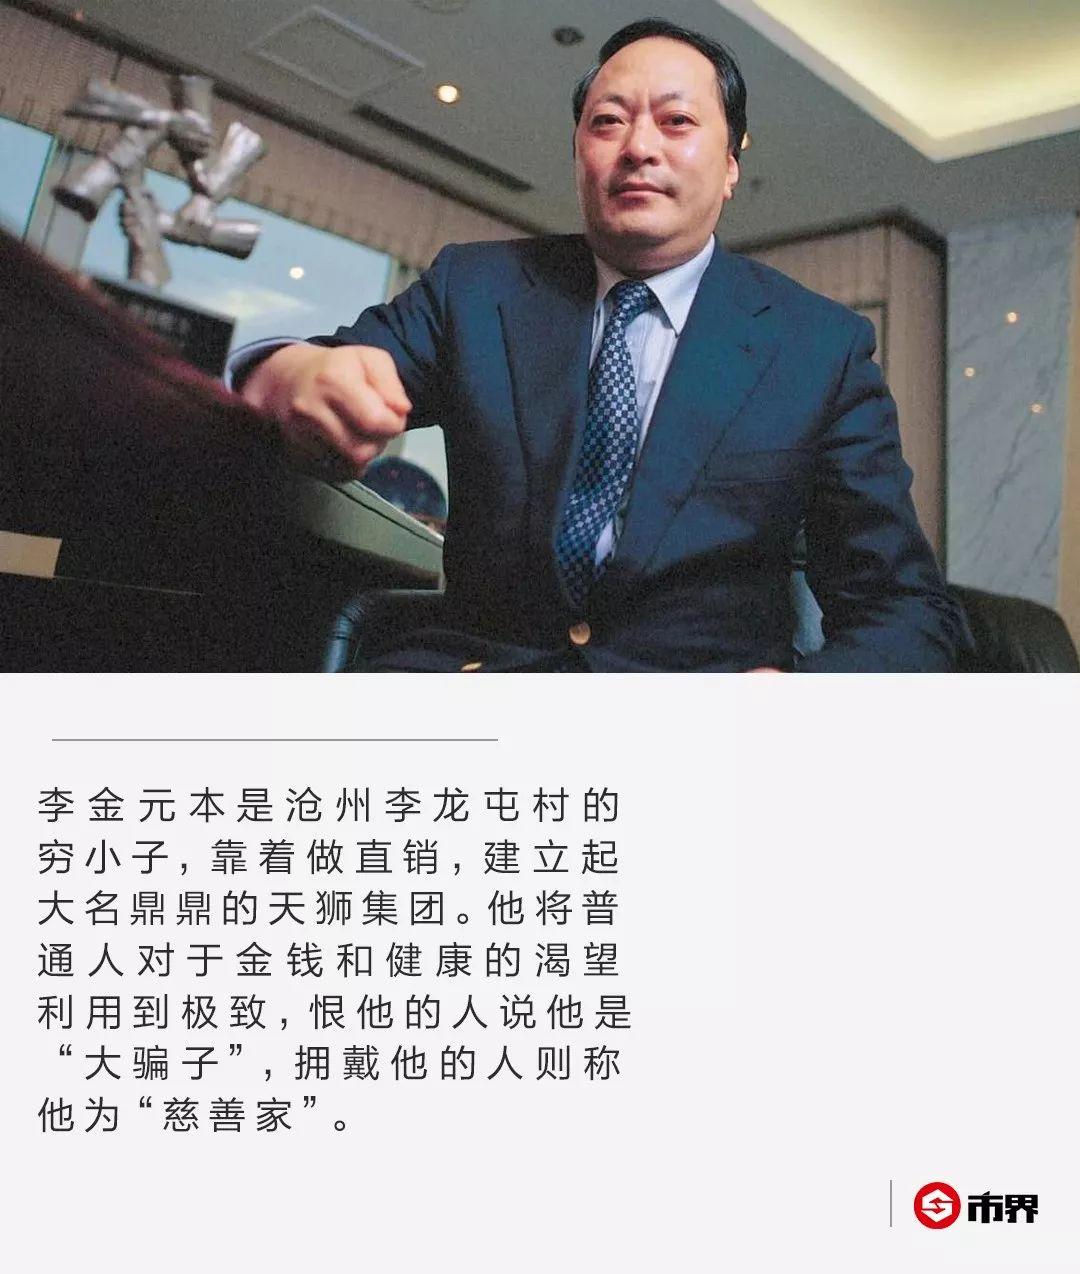 拆掉华堂、默不作声,消失5个月后,天津首富李金元怕了吗?